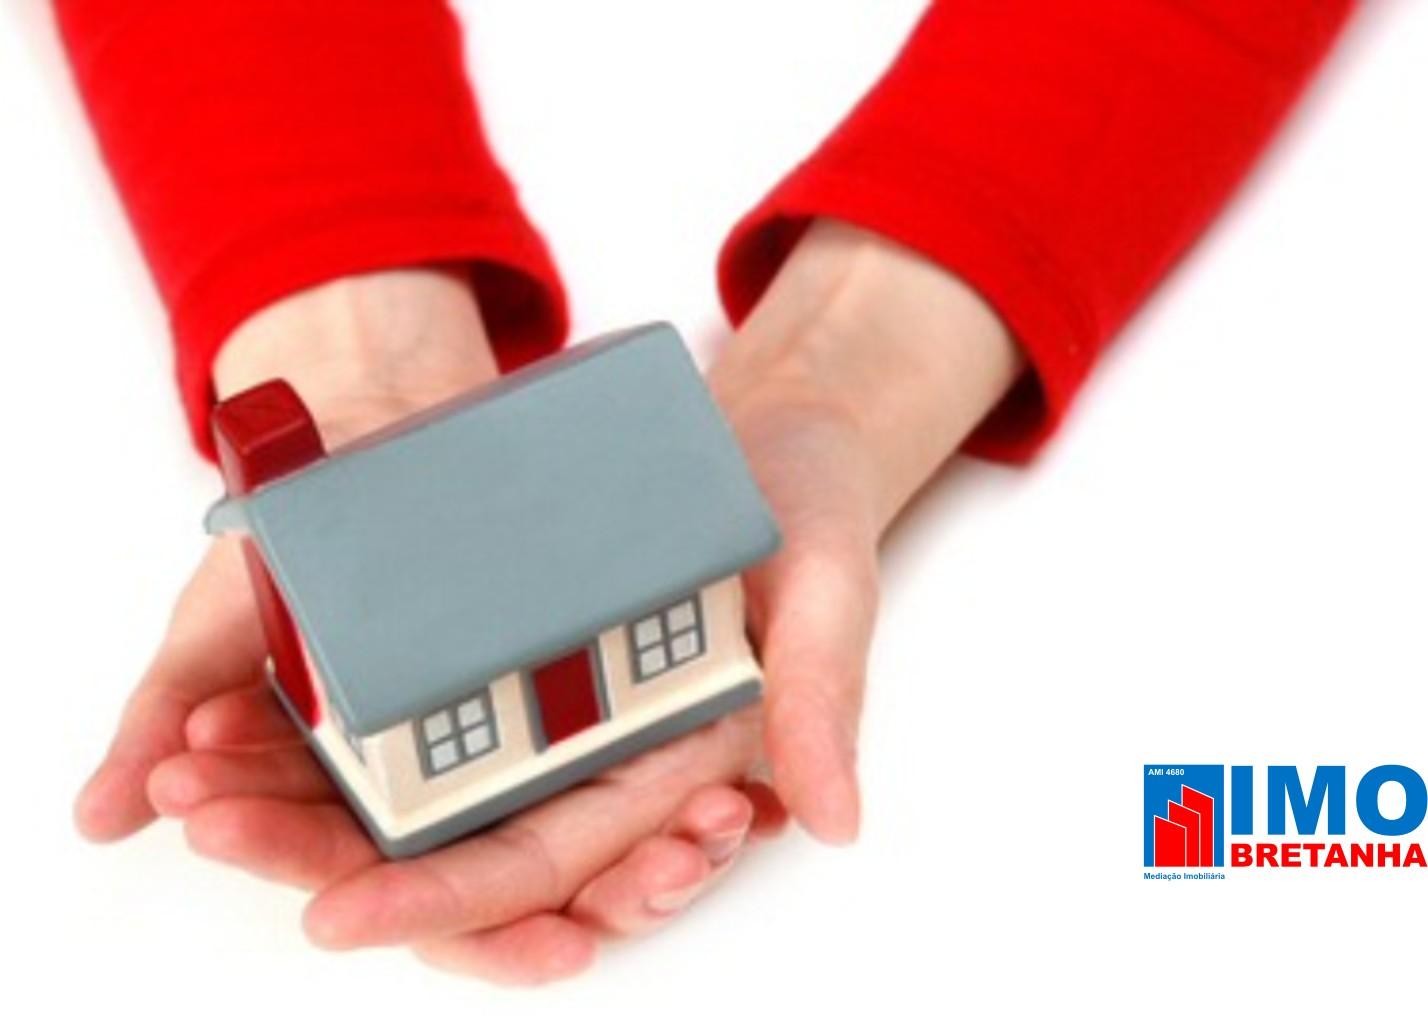 Pretende vender a sua casa? 4 - razões para que seja a IMOBRETANHA, imobiliária da Covilhã a ajuda-lo!